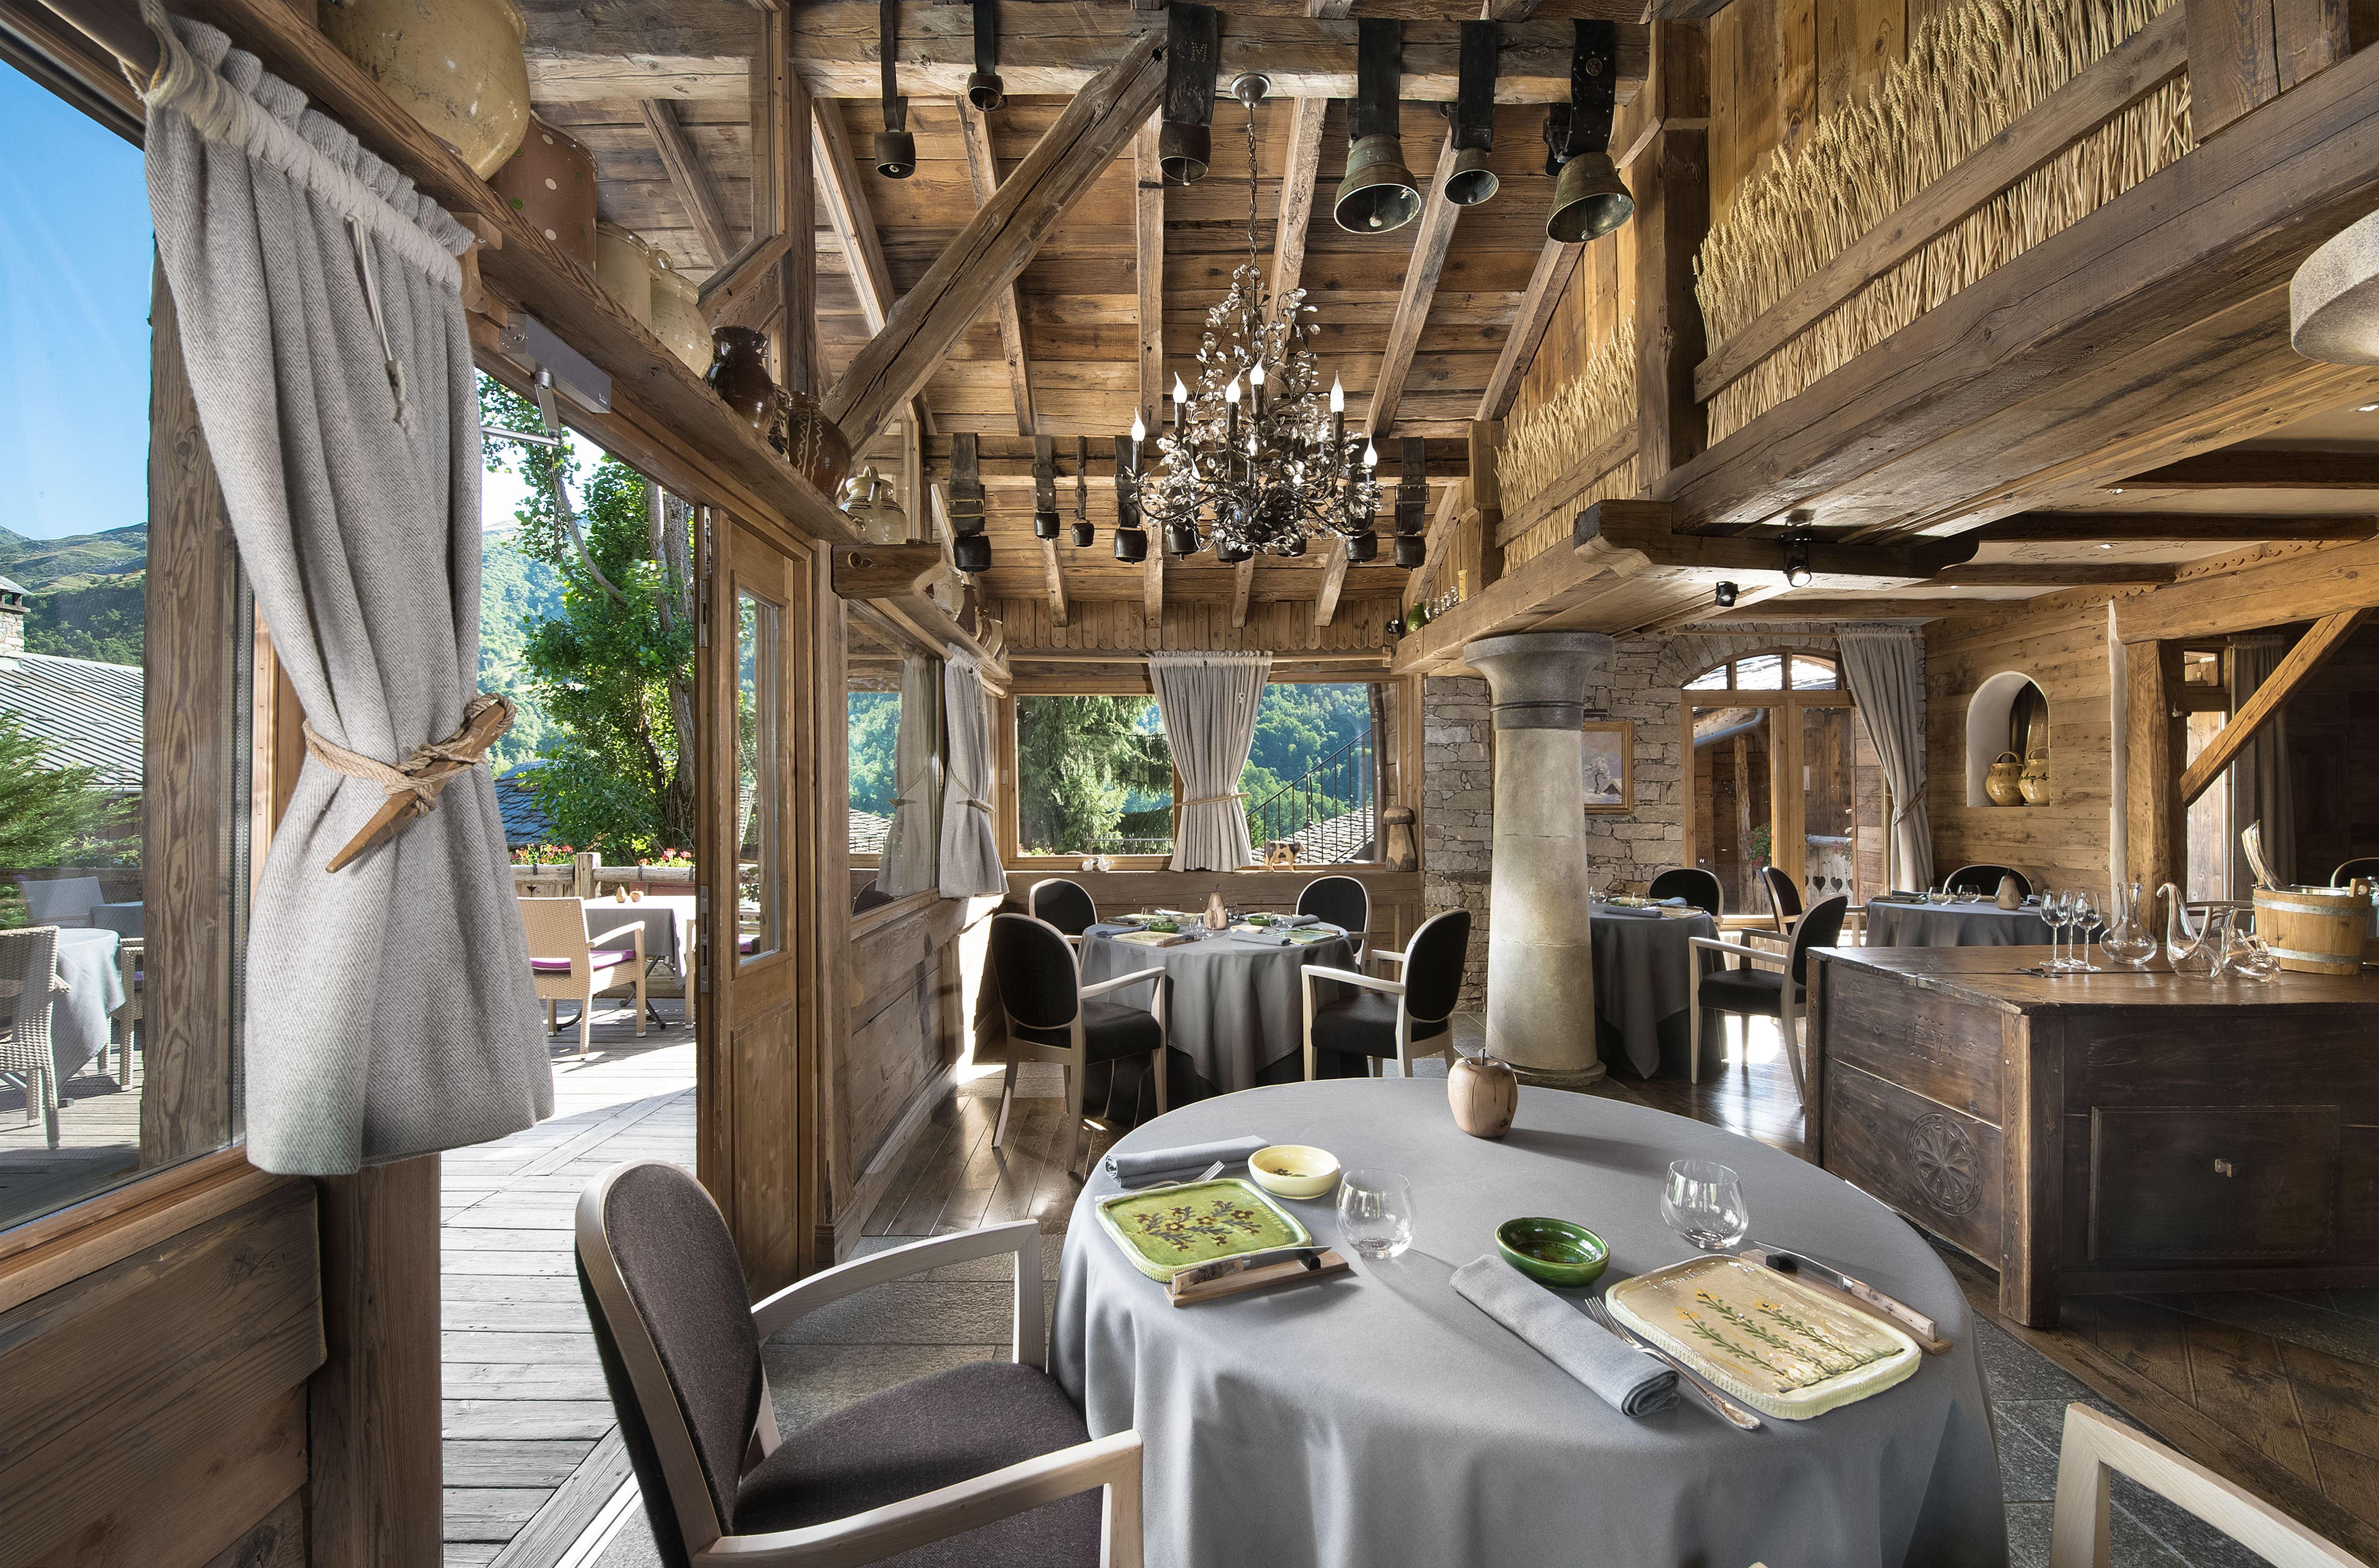 HOTEL LA BOUITTE***** - Relais & Châteaux (4,5 Snowflakes